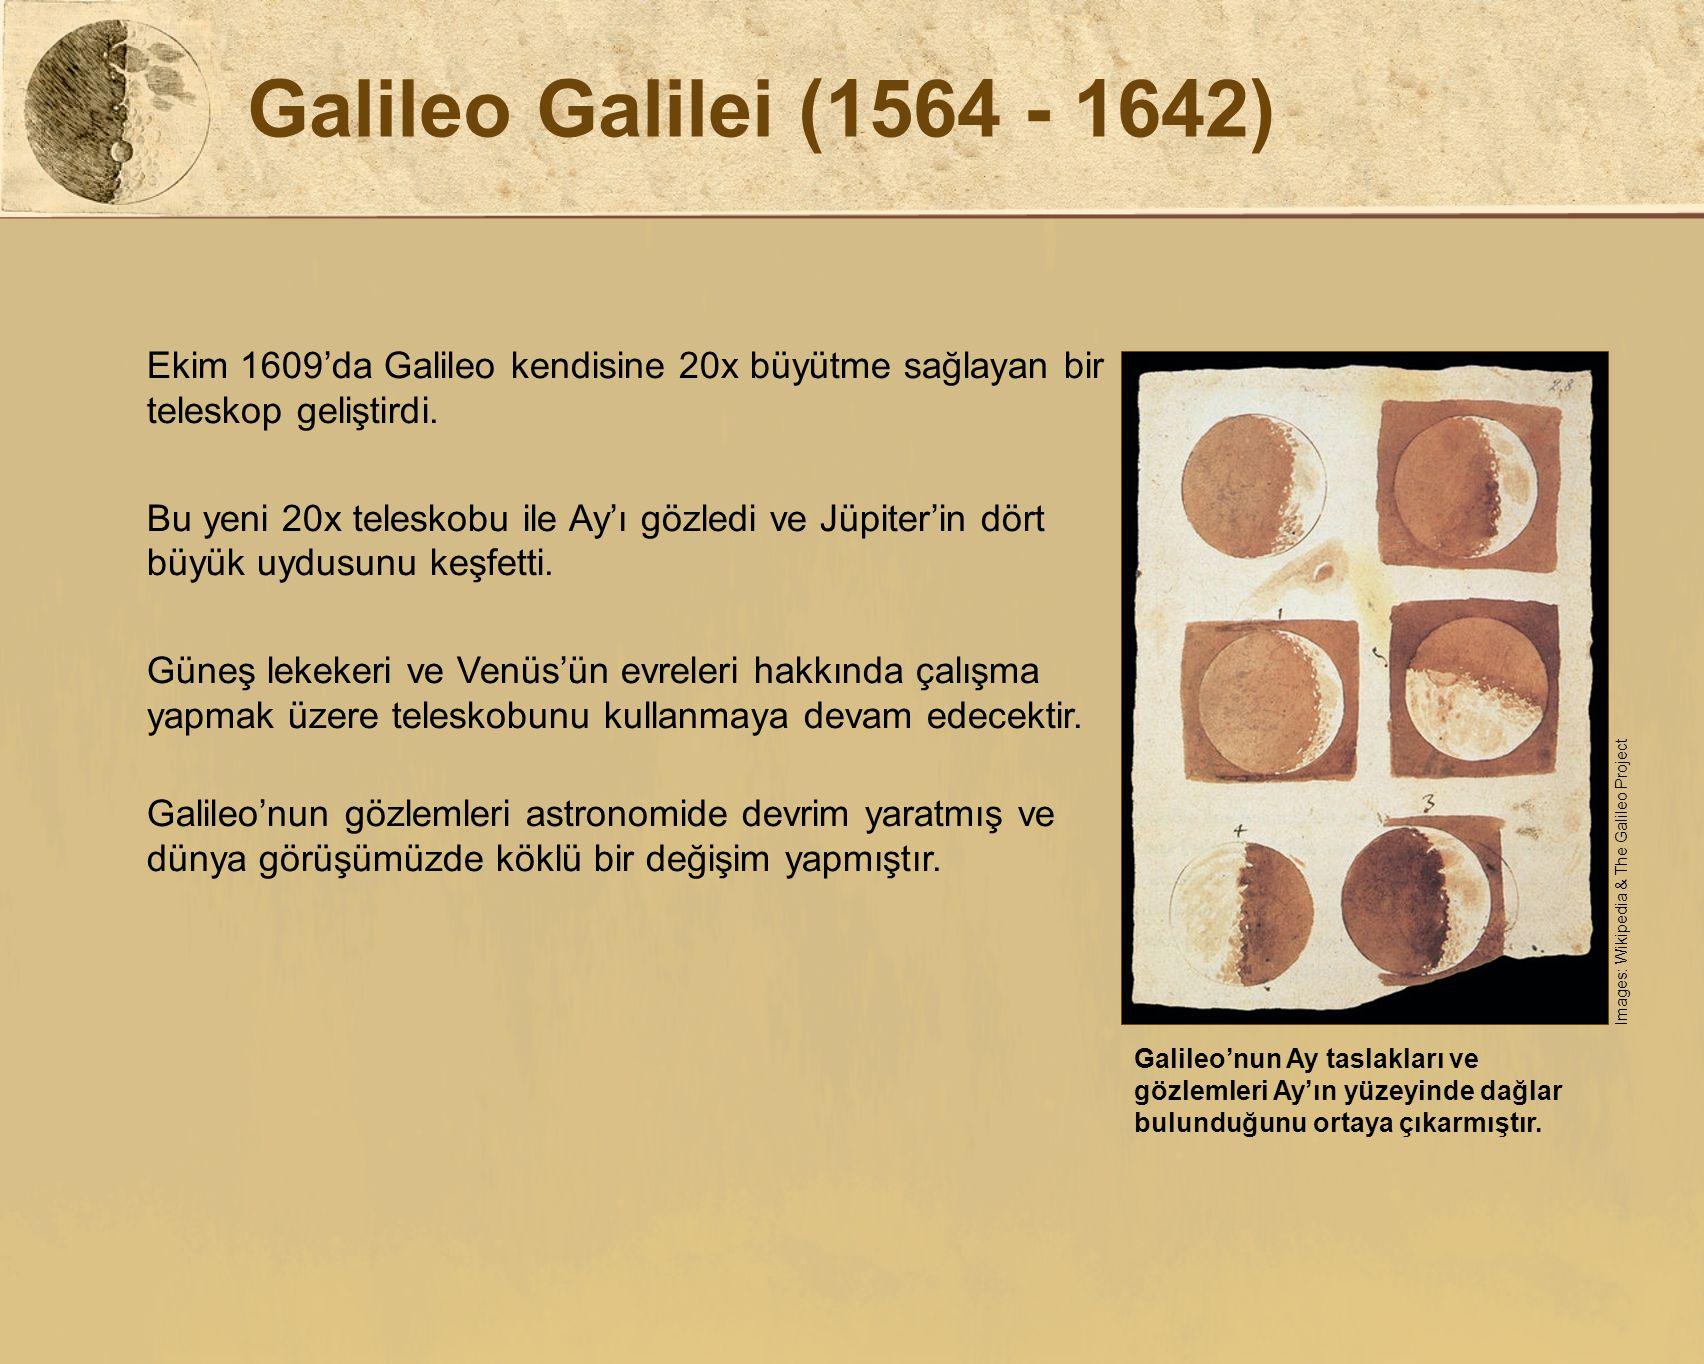 Galileo Galilei (1564 - 1642) Ekim 1609'da Galileo kendisine 20x büyütme sağlayan bir teleskop geliştirdi. Bu yeni 20x teleskobu ile Ay'ı gözledi ve J